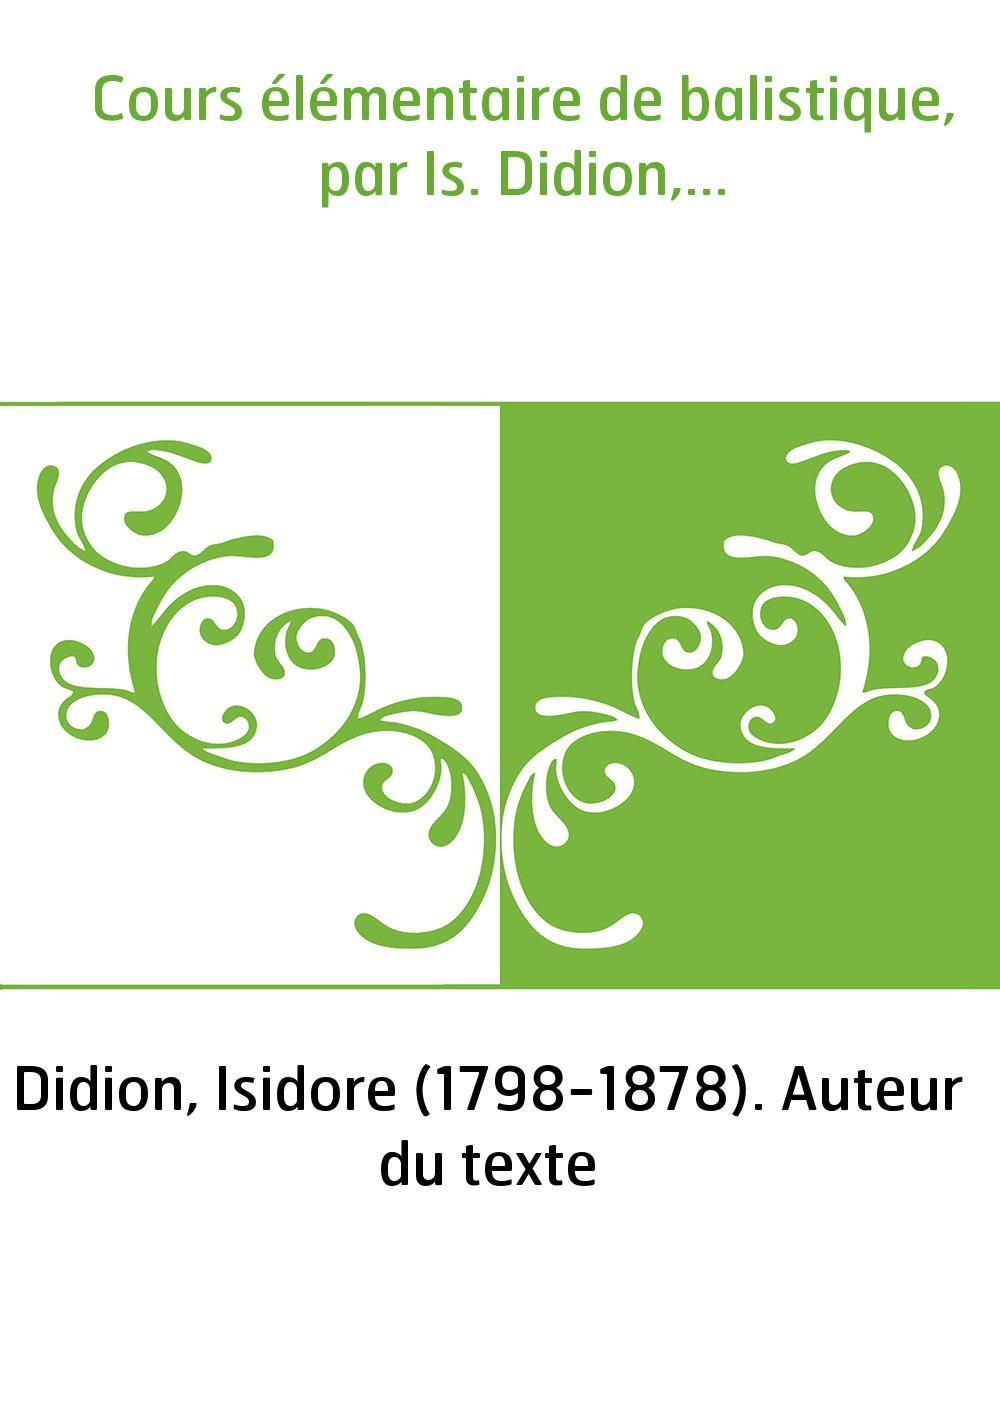 Cours élémentaire de balistique, par Is. Didion,...